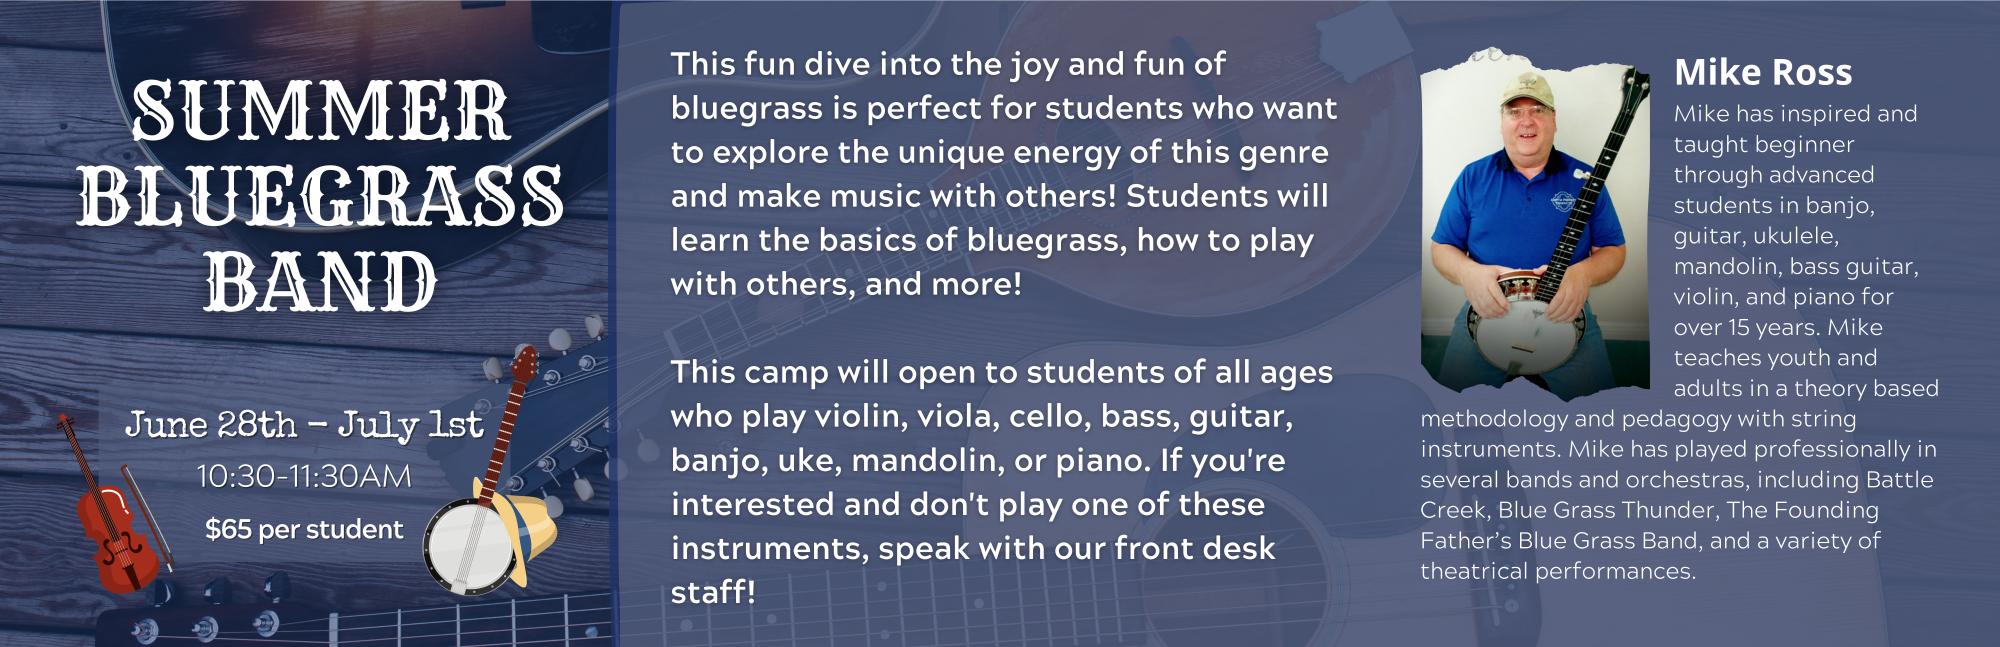 Summer Bluegrass Band